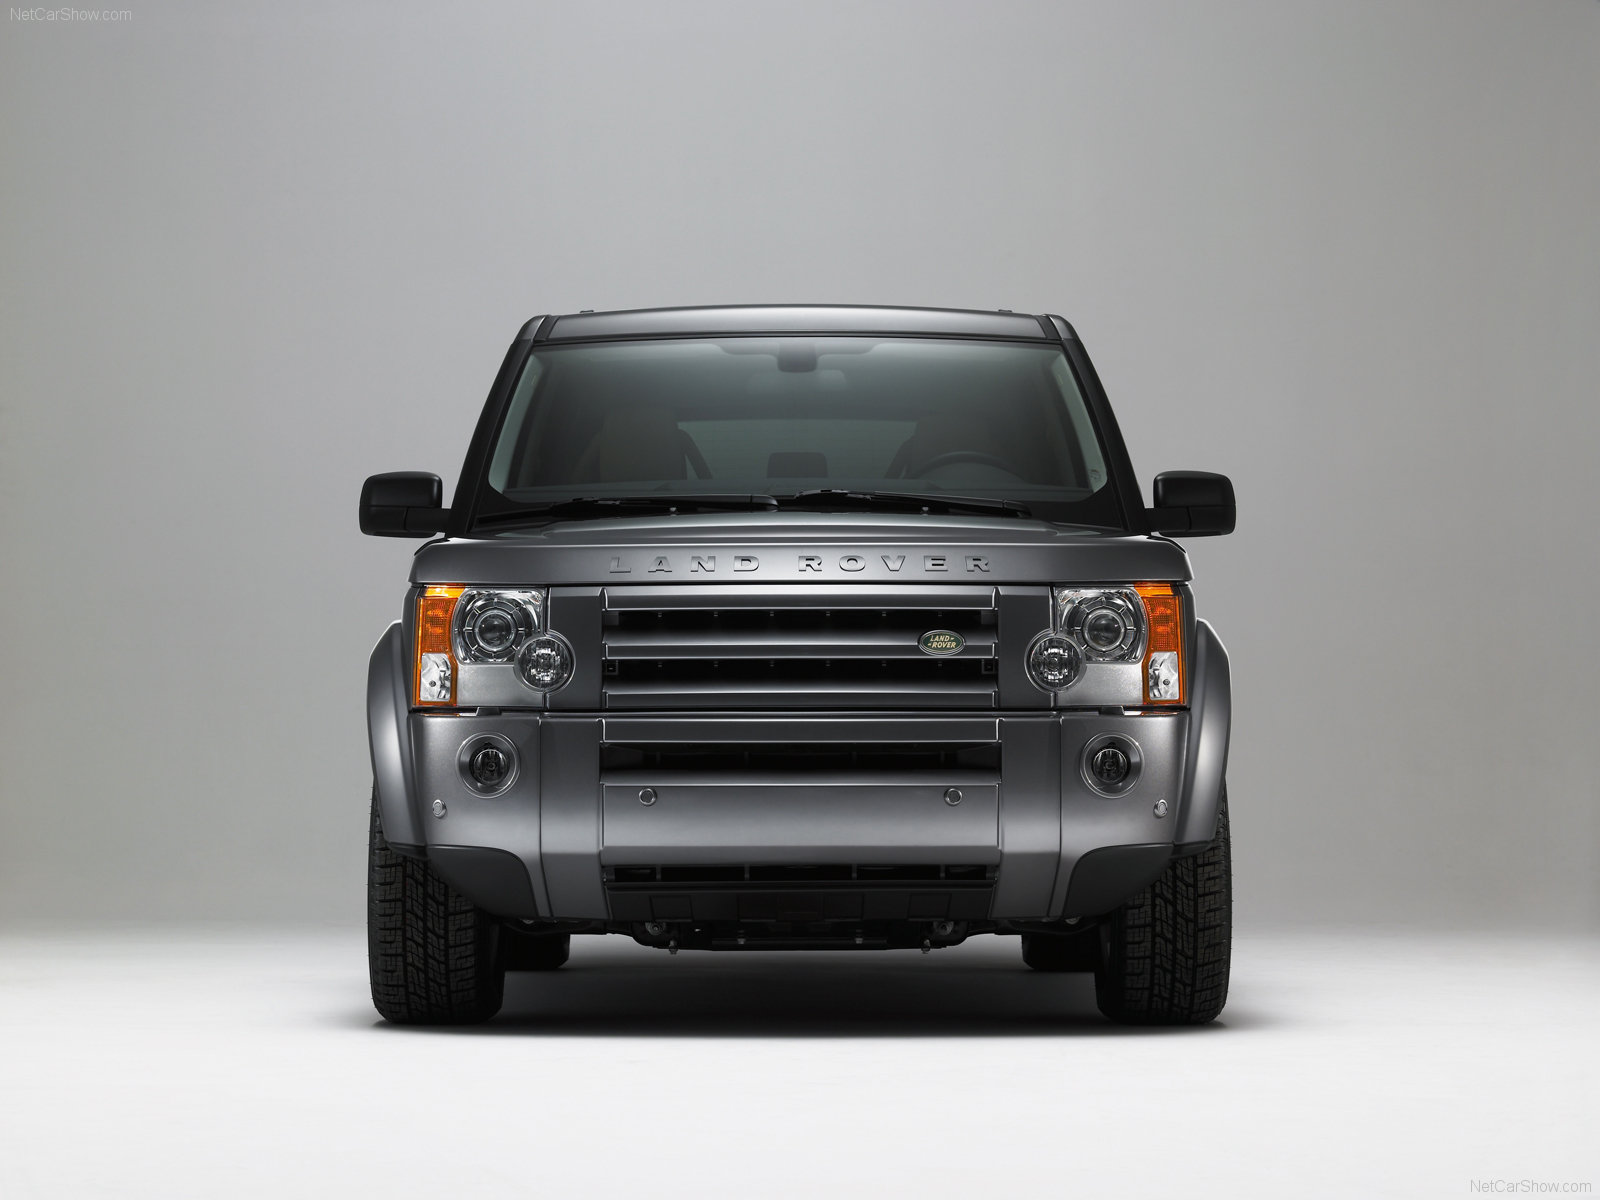 Hình ảnh xe ô tô Land Rover Discovery 3 2009 & nội ngoại thất